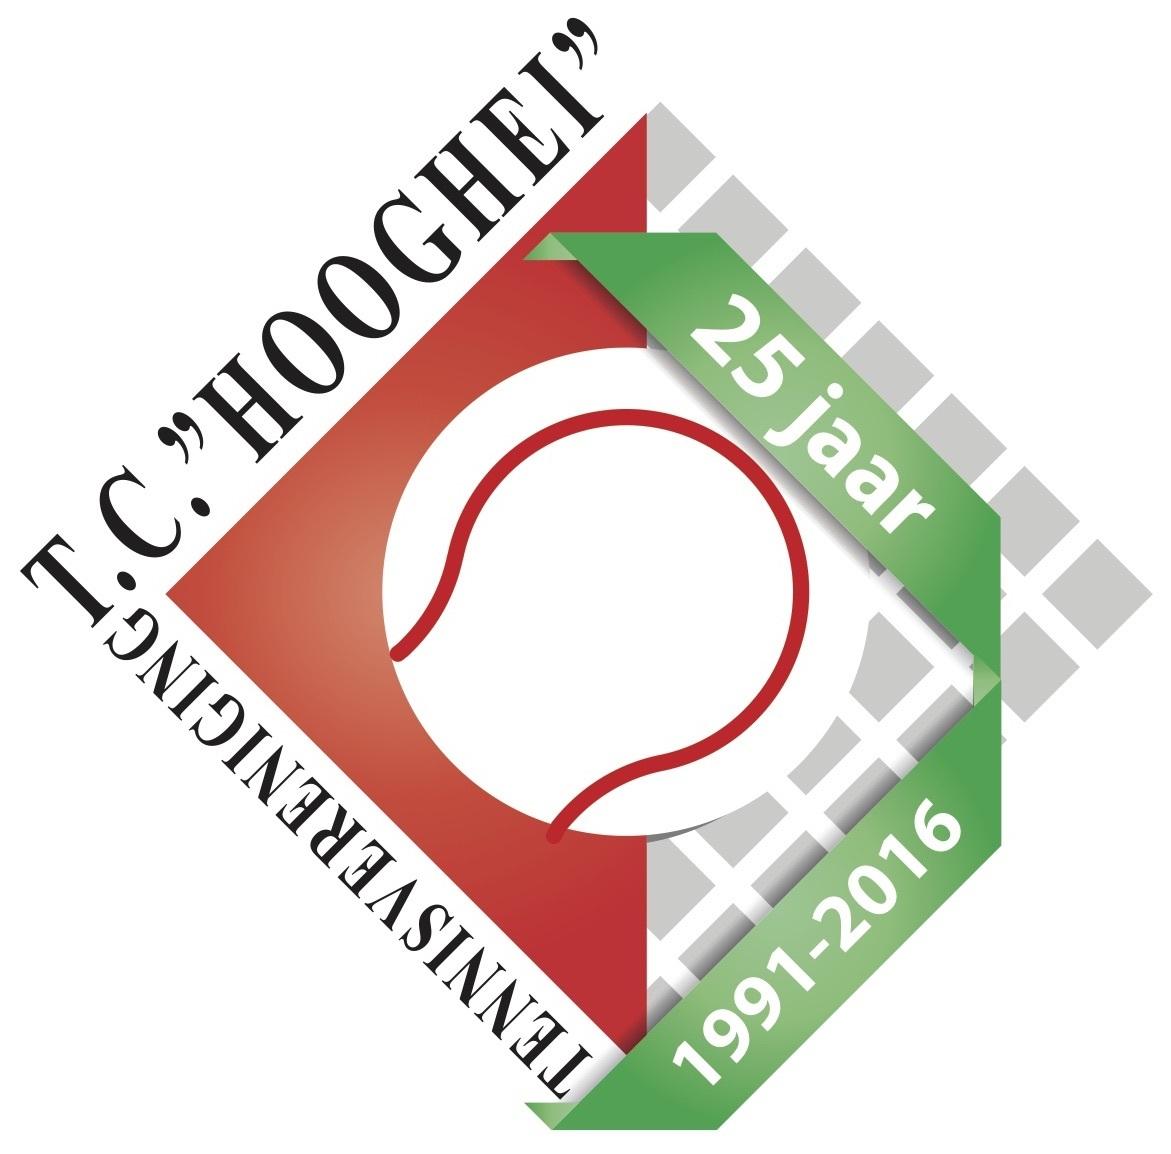 T.C. Hooghei